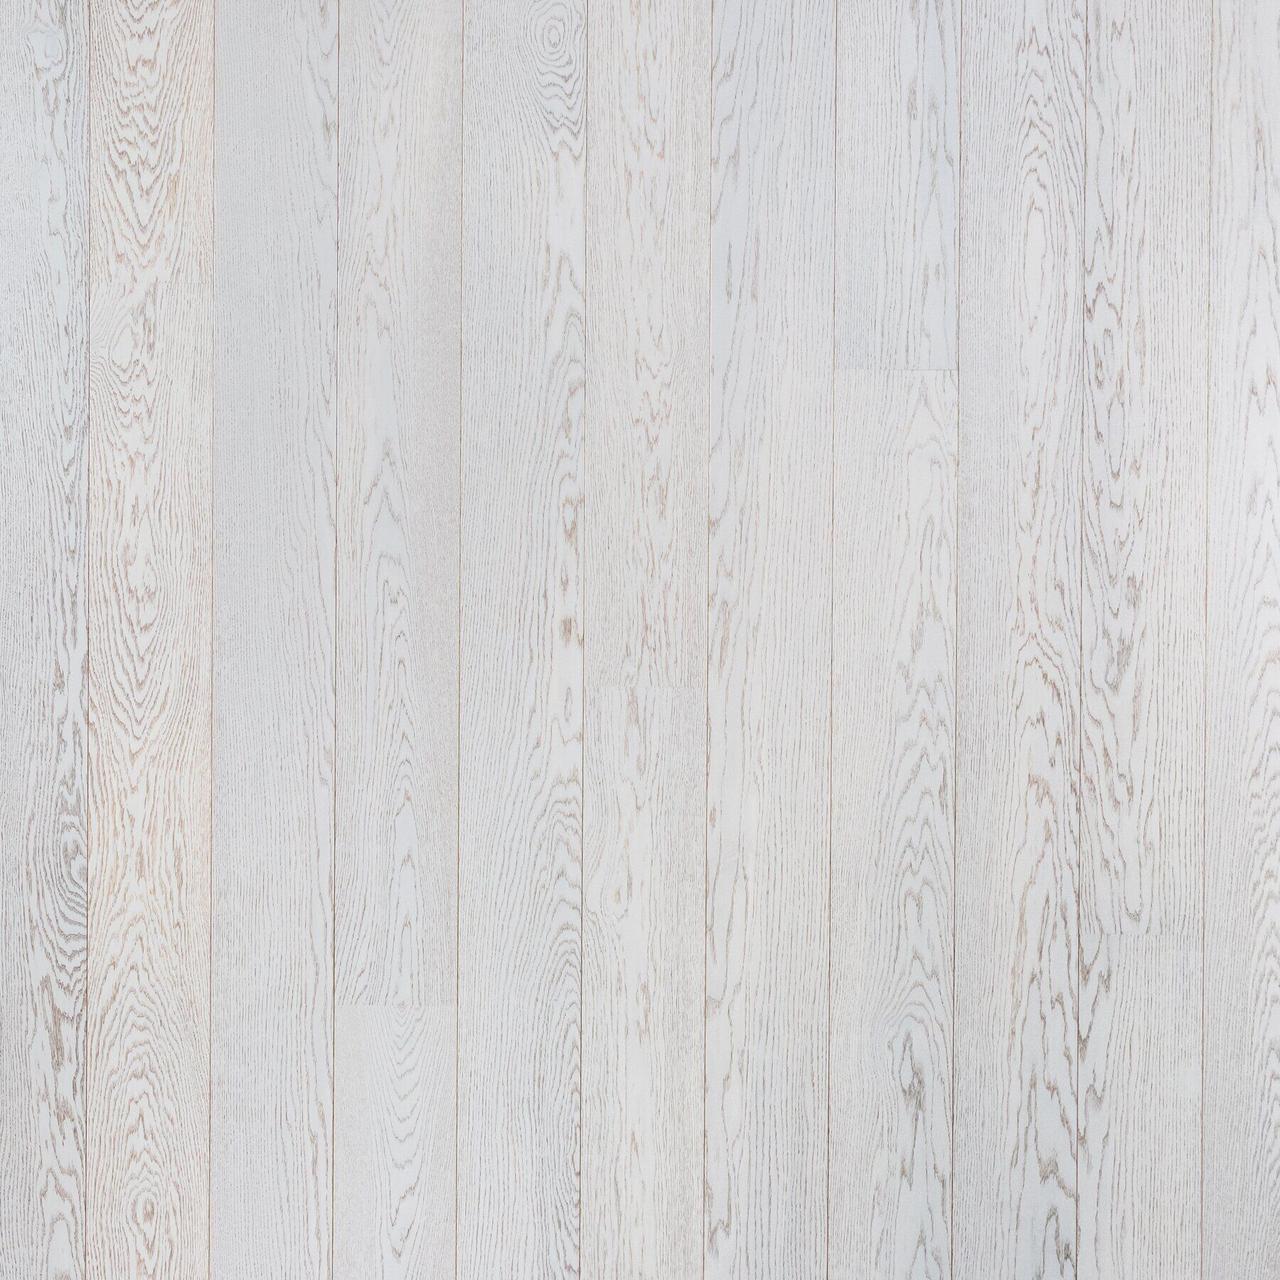 Паркет Upofloor Дуб GRAND NORDIC LIGHT , натуральный , морение, белый матовый лак